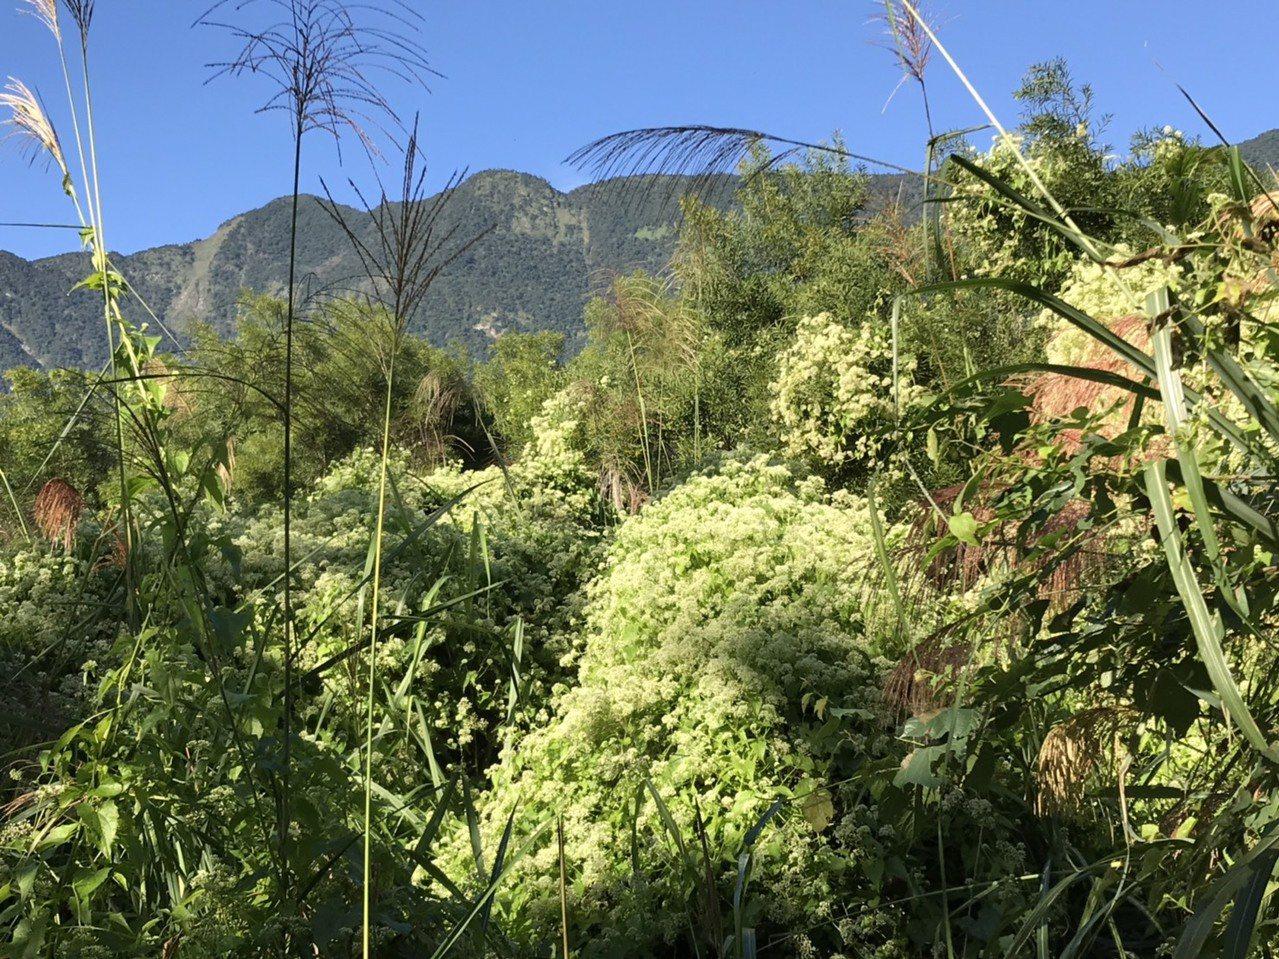 小花蔓澤蘭延樹木攀爬至高處,阻斷其他植物與陽光接觸,進而無法行使光合作用枯萎死。...